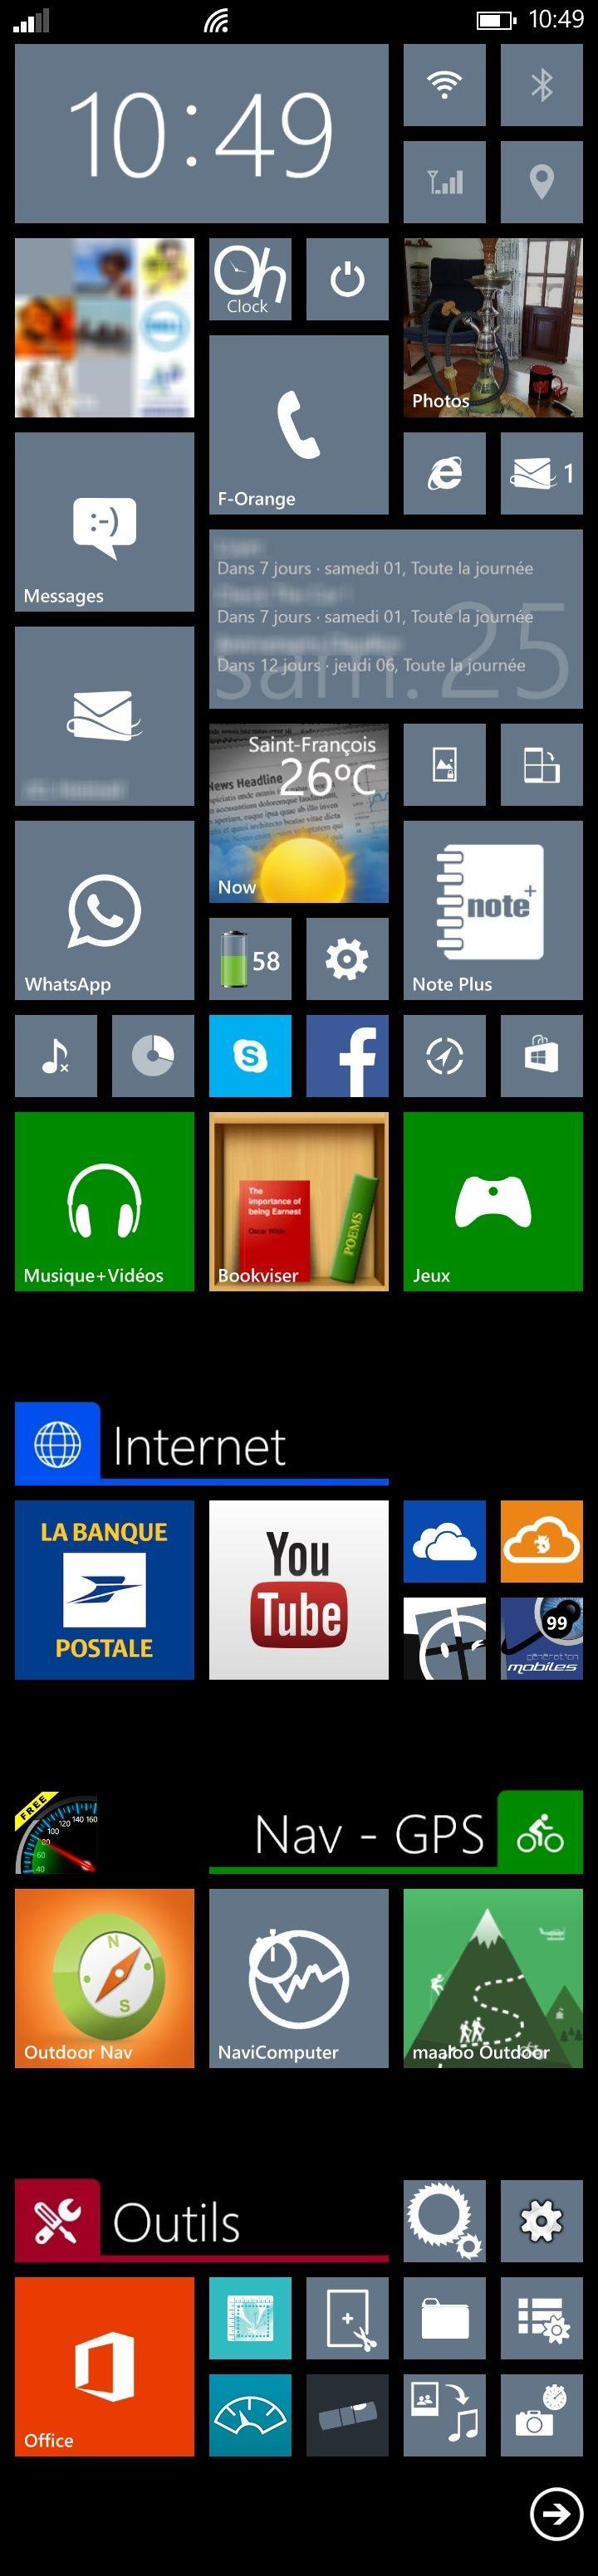 [DISCUSSION] Et vous comment avez vous personnalisez votre Windows Phone - Page 3 Screen12